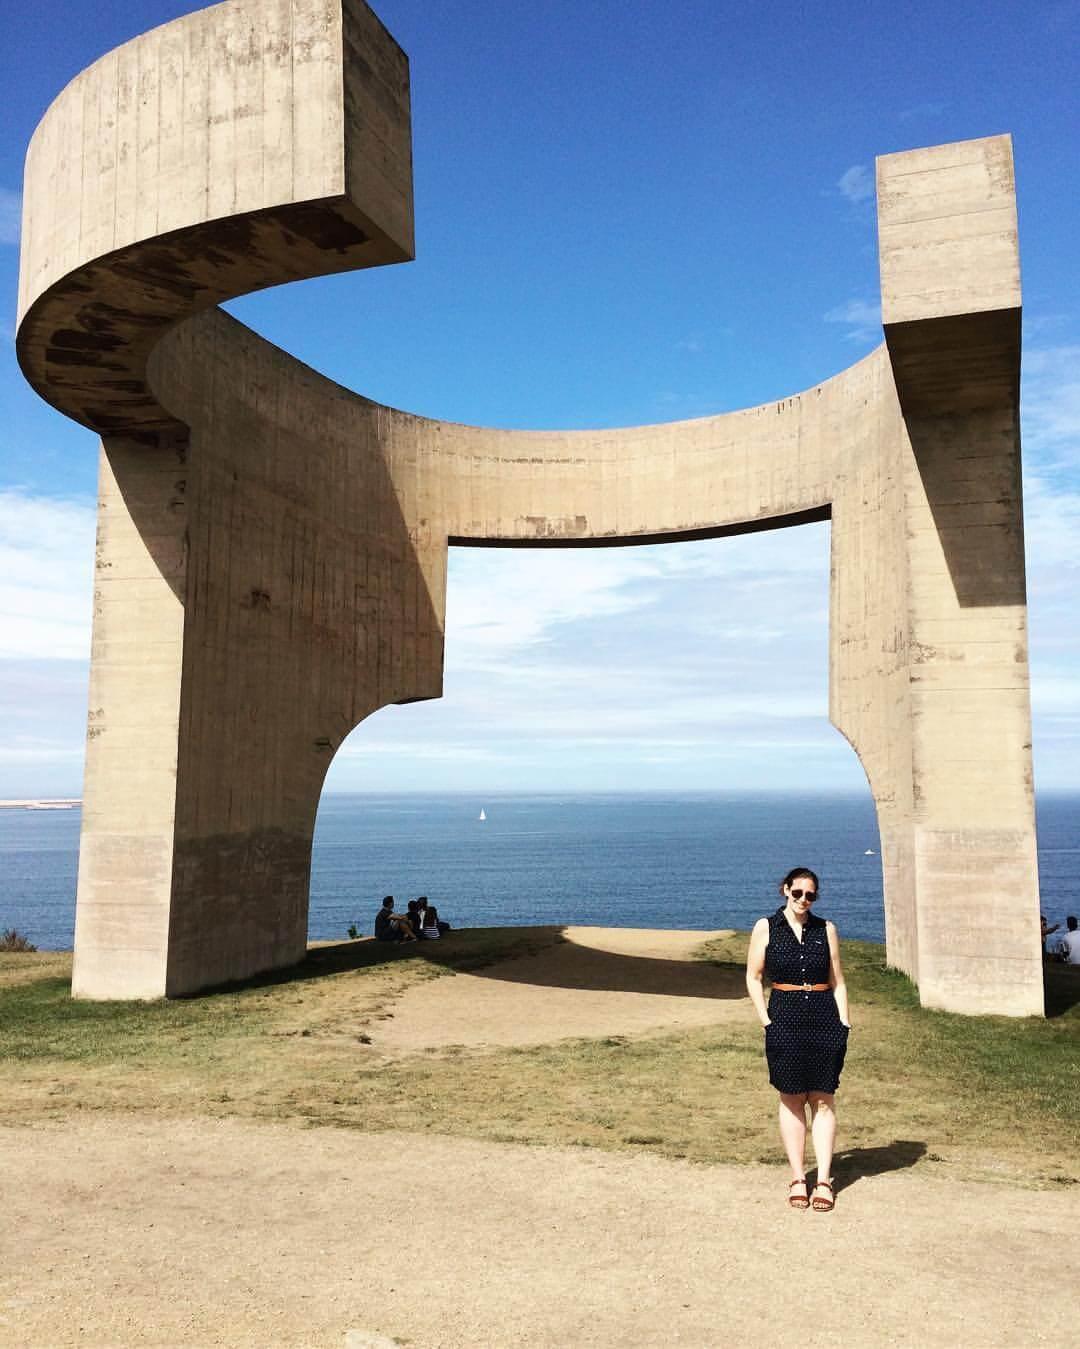 Standing in front of Elogio del horizonte sculpture overlooking the Bay of Biscay in Gijon, Spain